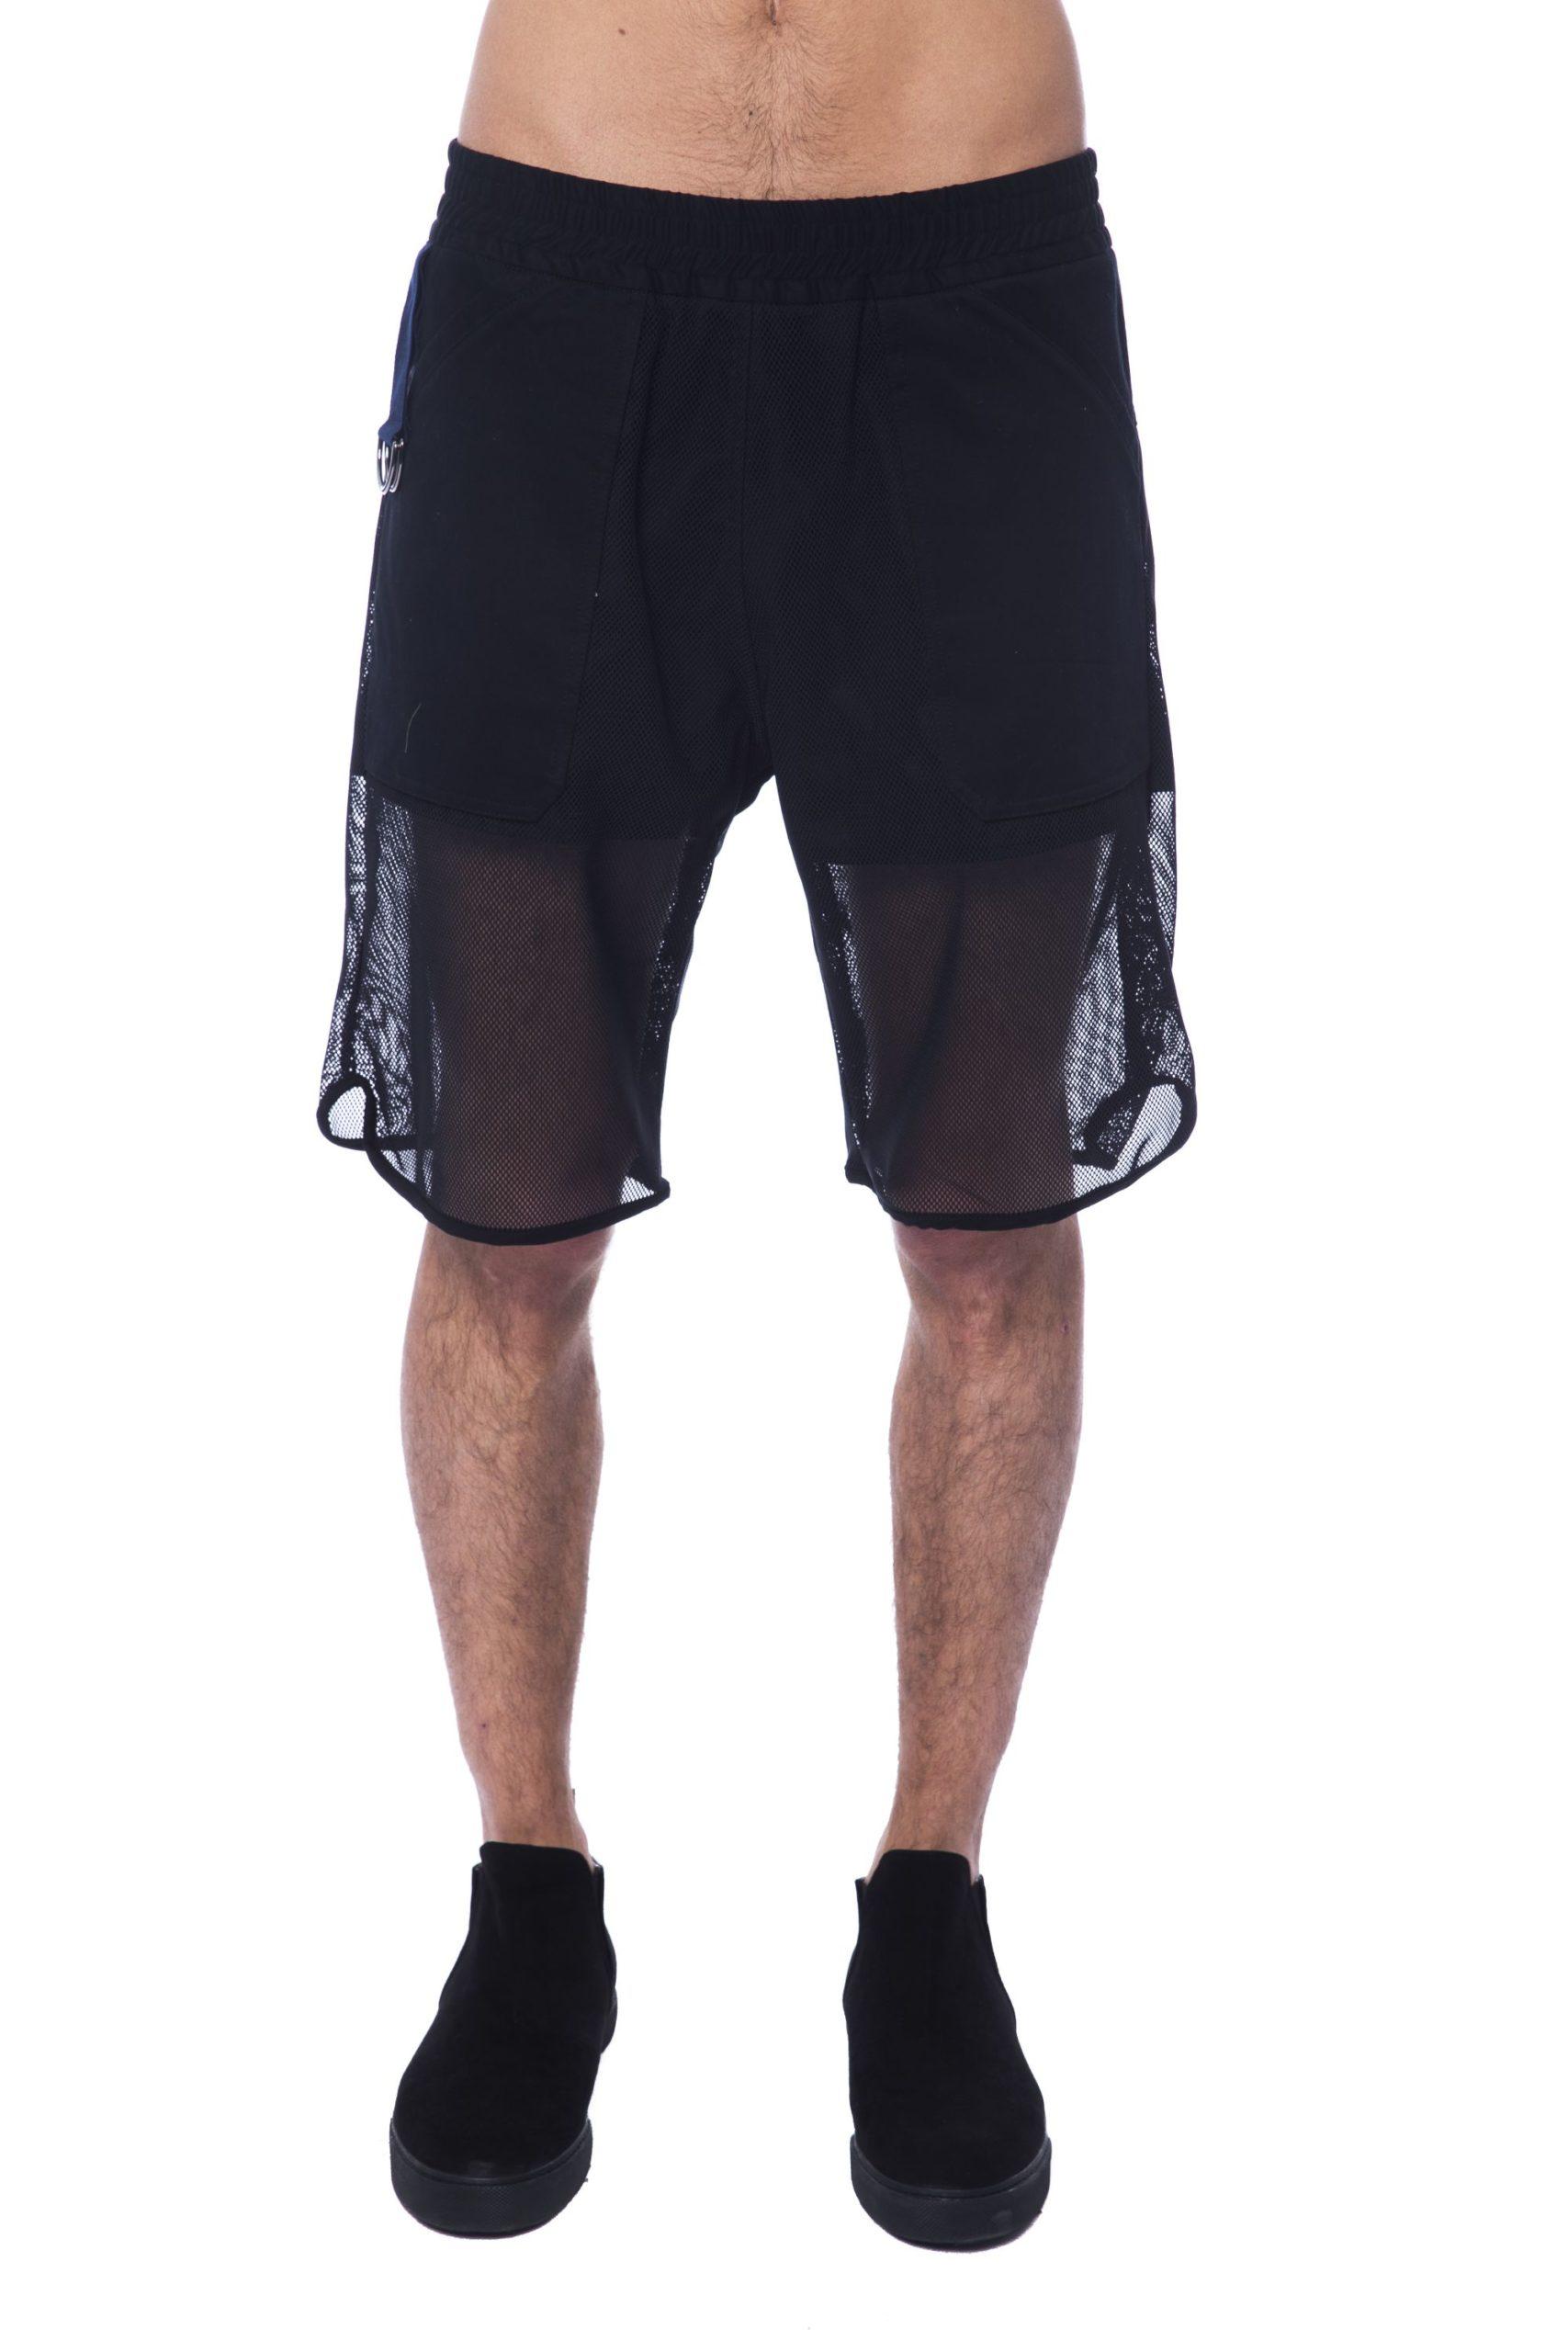 Nicolo Tonetto Men's Nero Short Black NI1281006 - XS